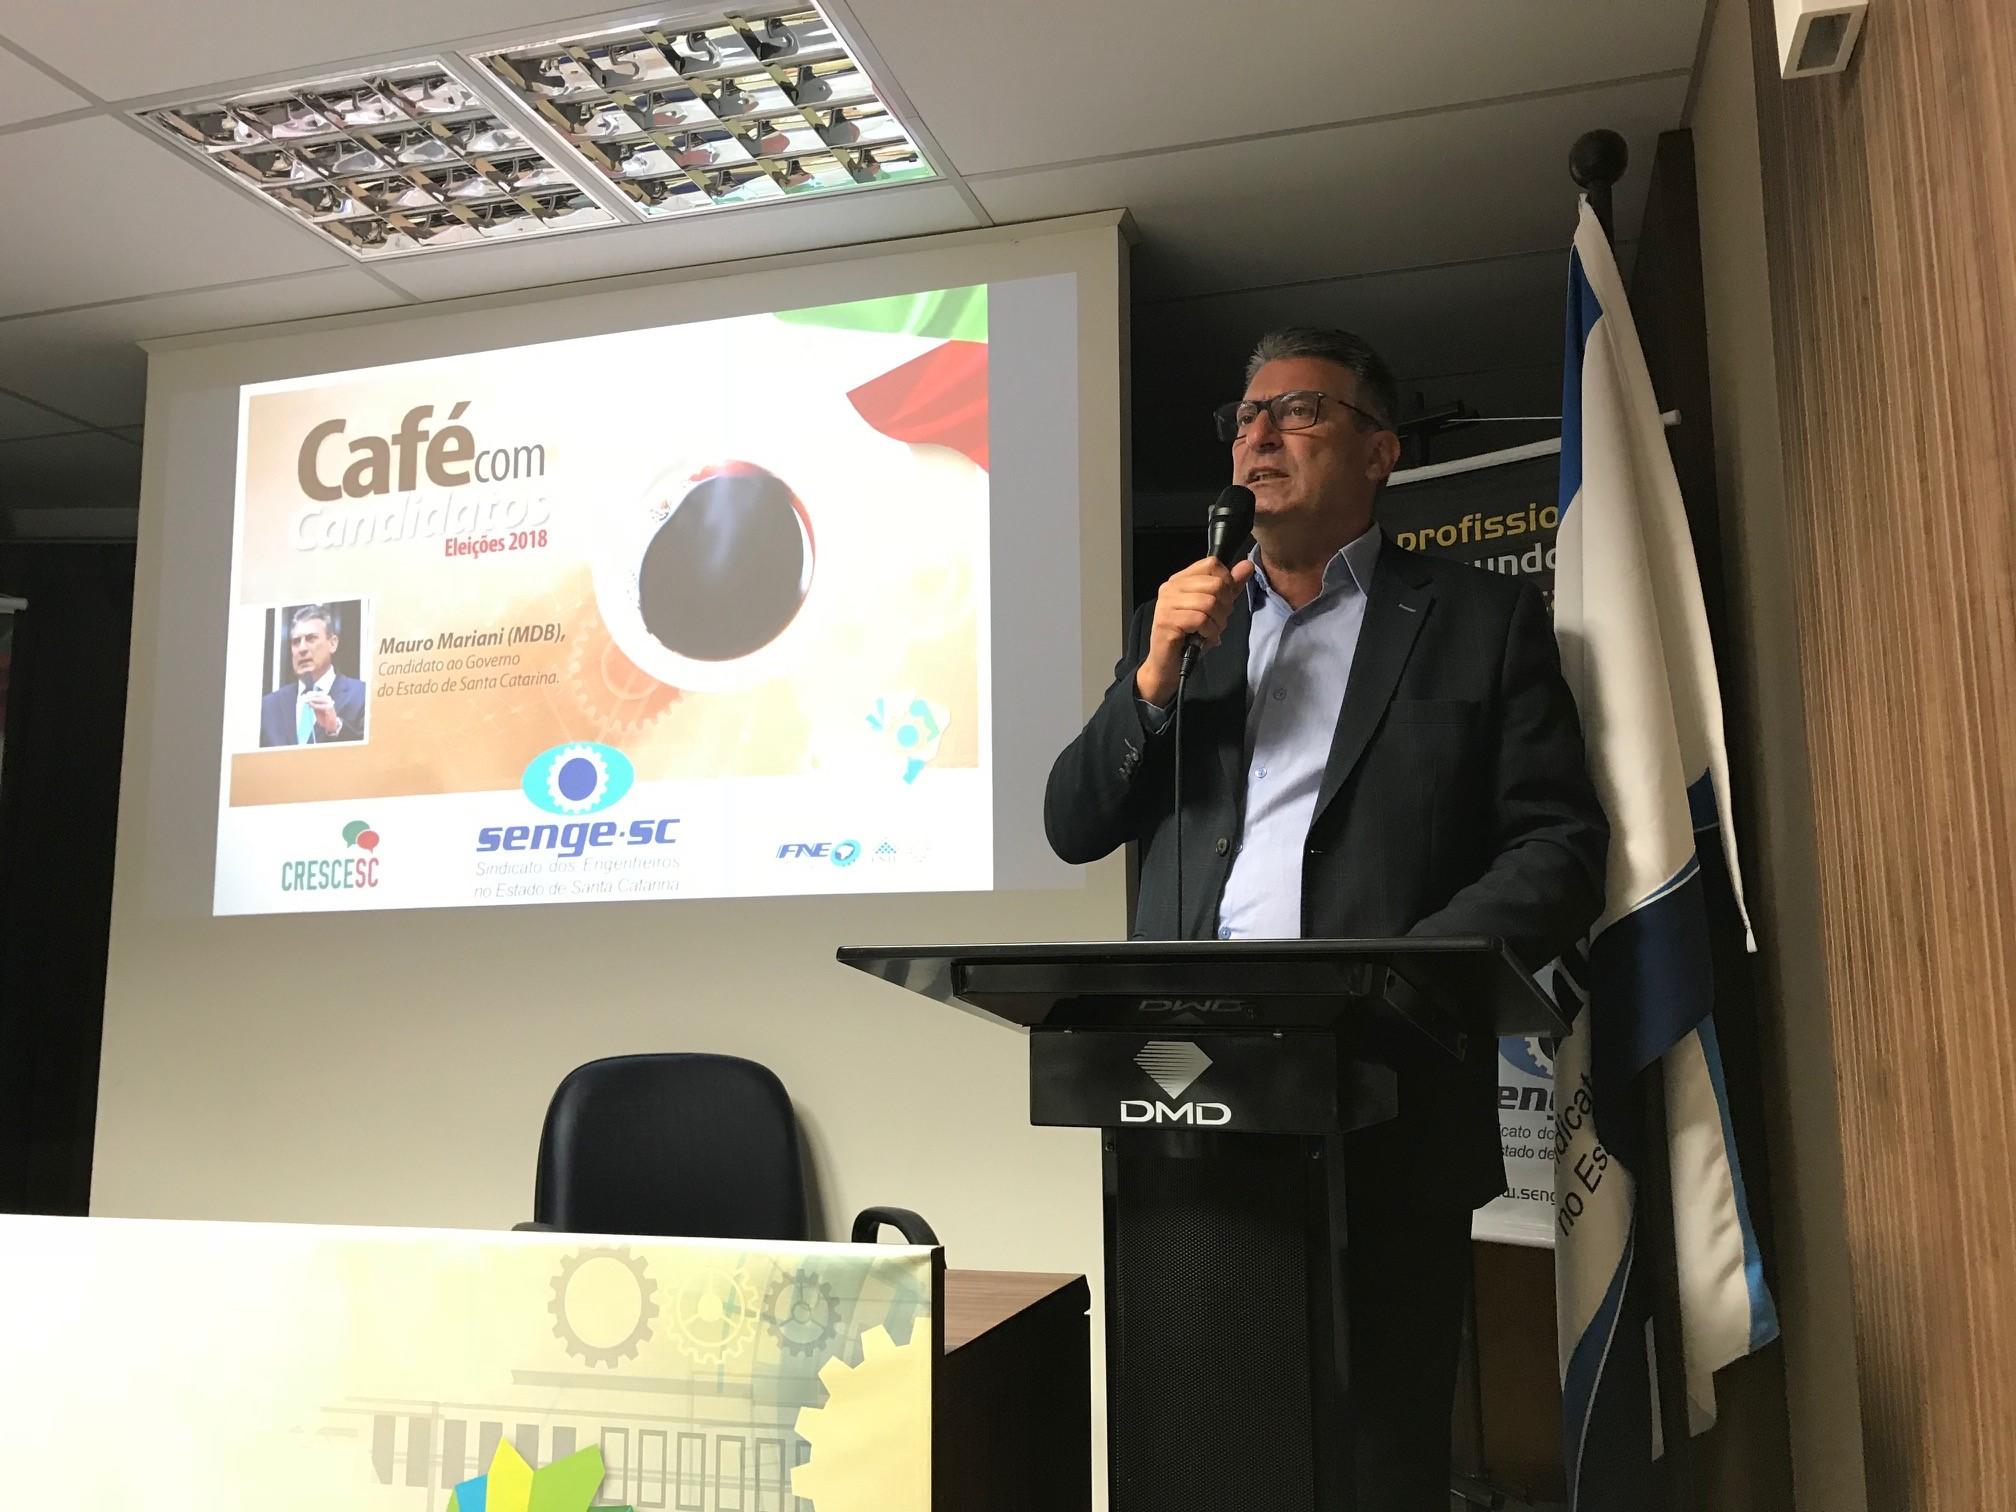 Mauro Mariani, candidato ao governo do Estado, vai aoSenge-SC e afirma a importância do papel do engenheiro